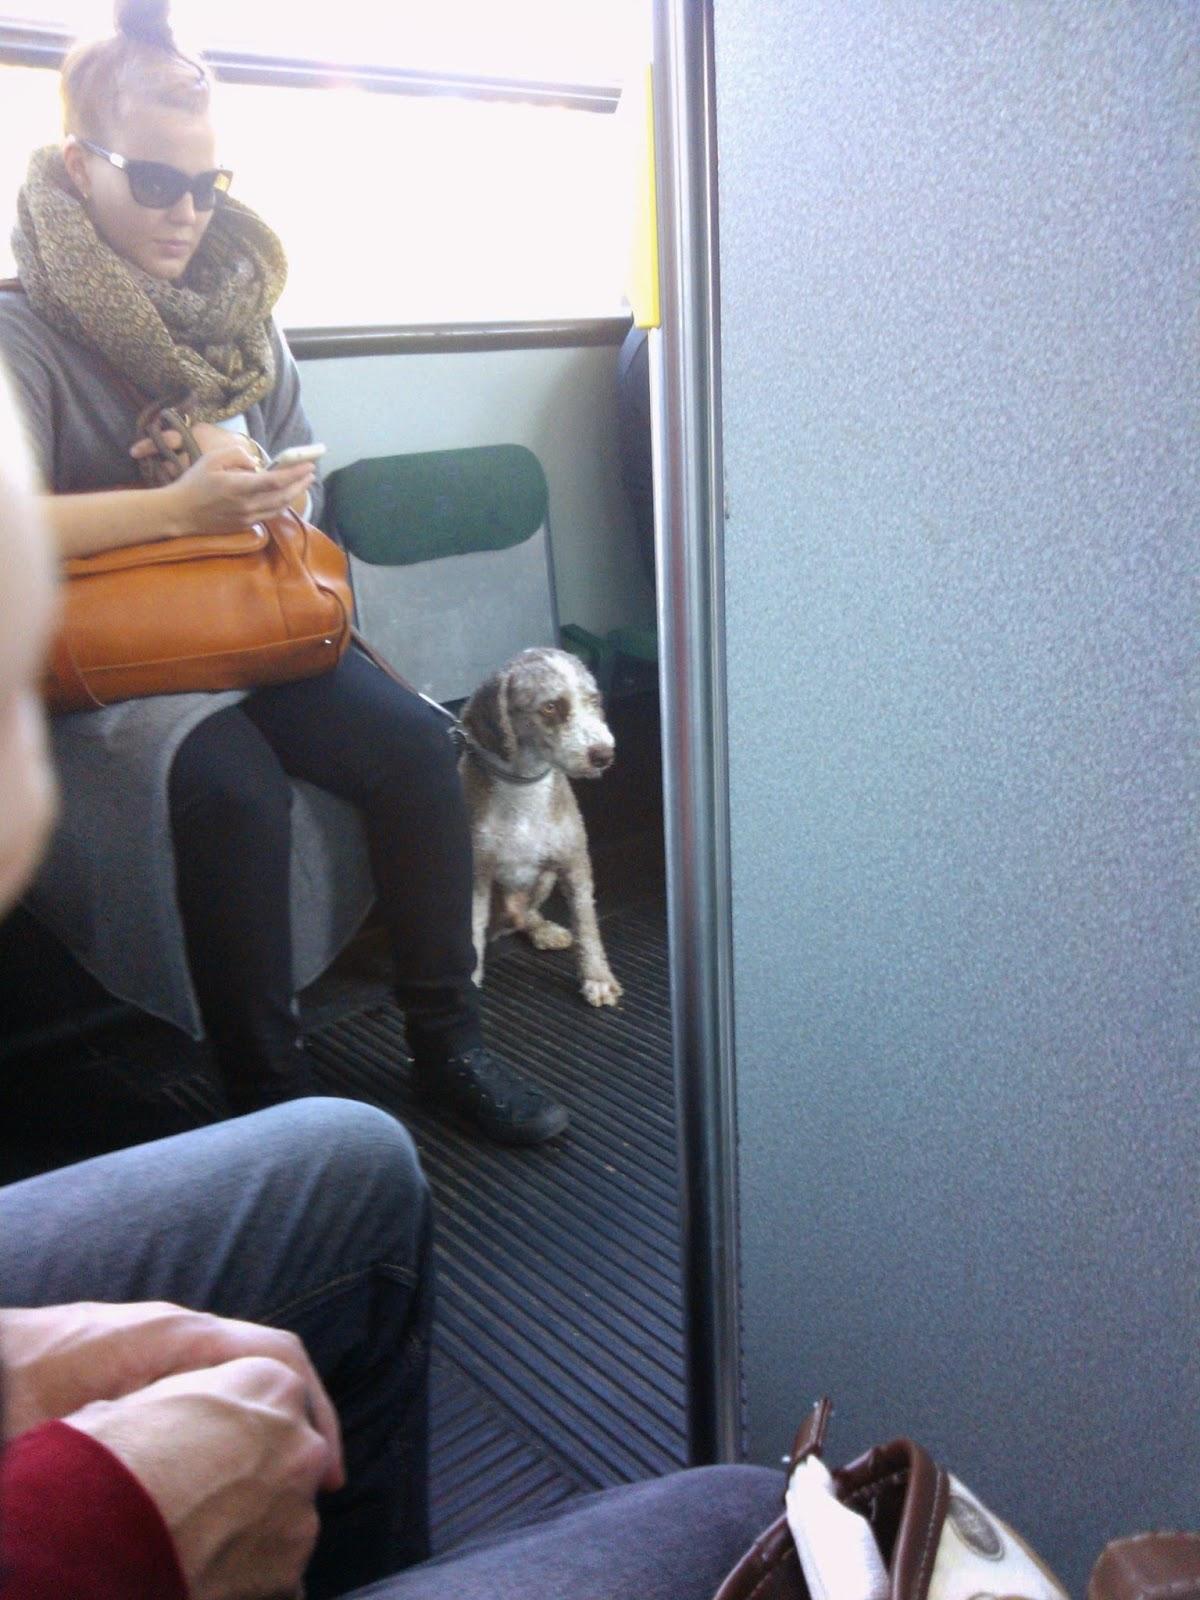 Na Finlândia cachorro anda de bonde, trem, navio e ônibus